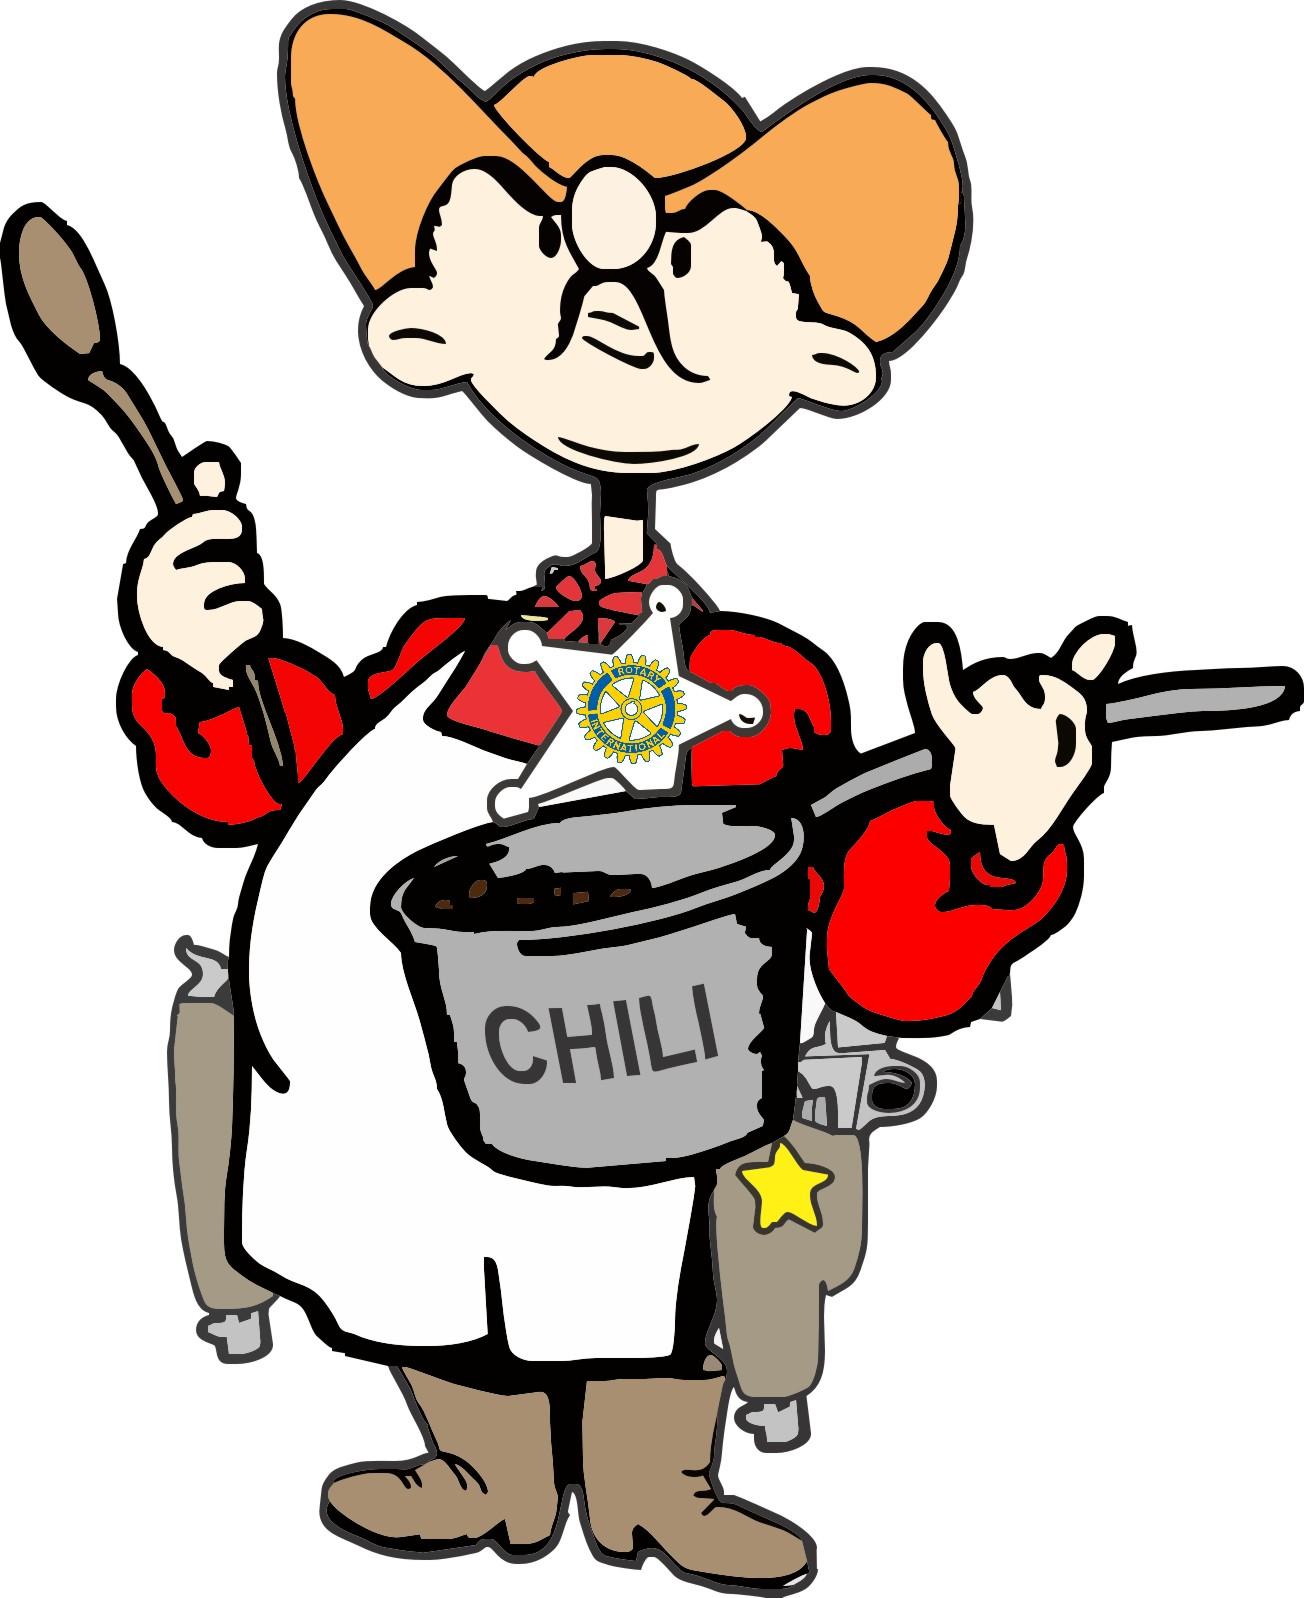 1304x1598 Chili Clipart Chili Cook Off